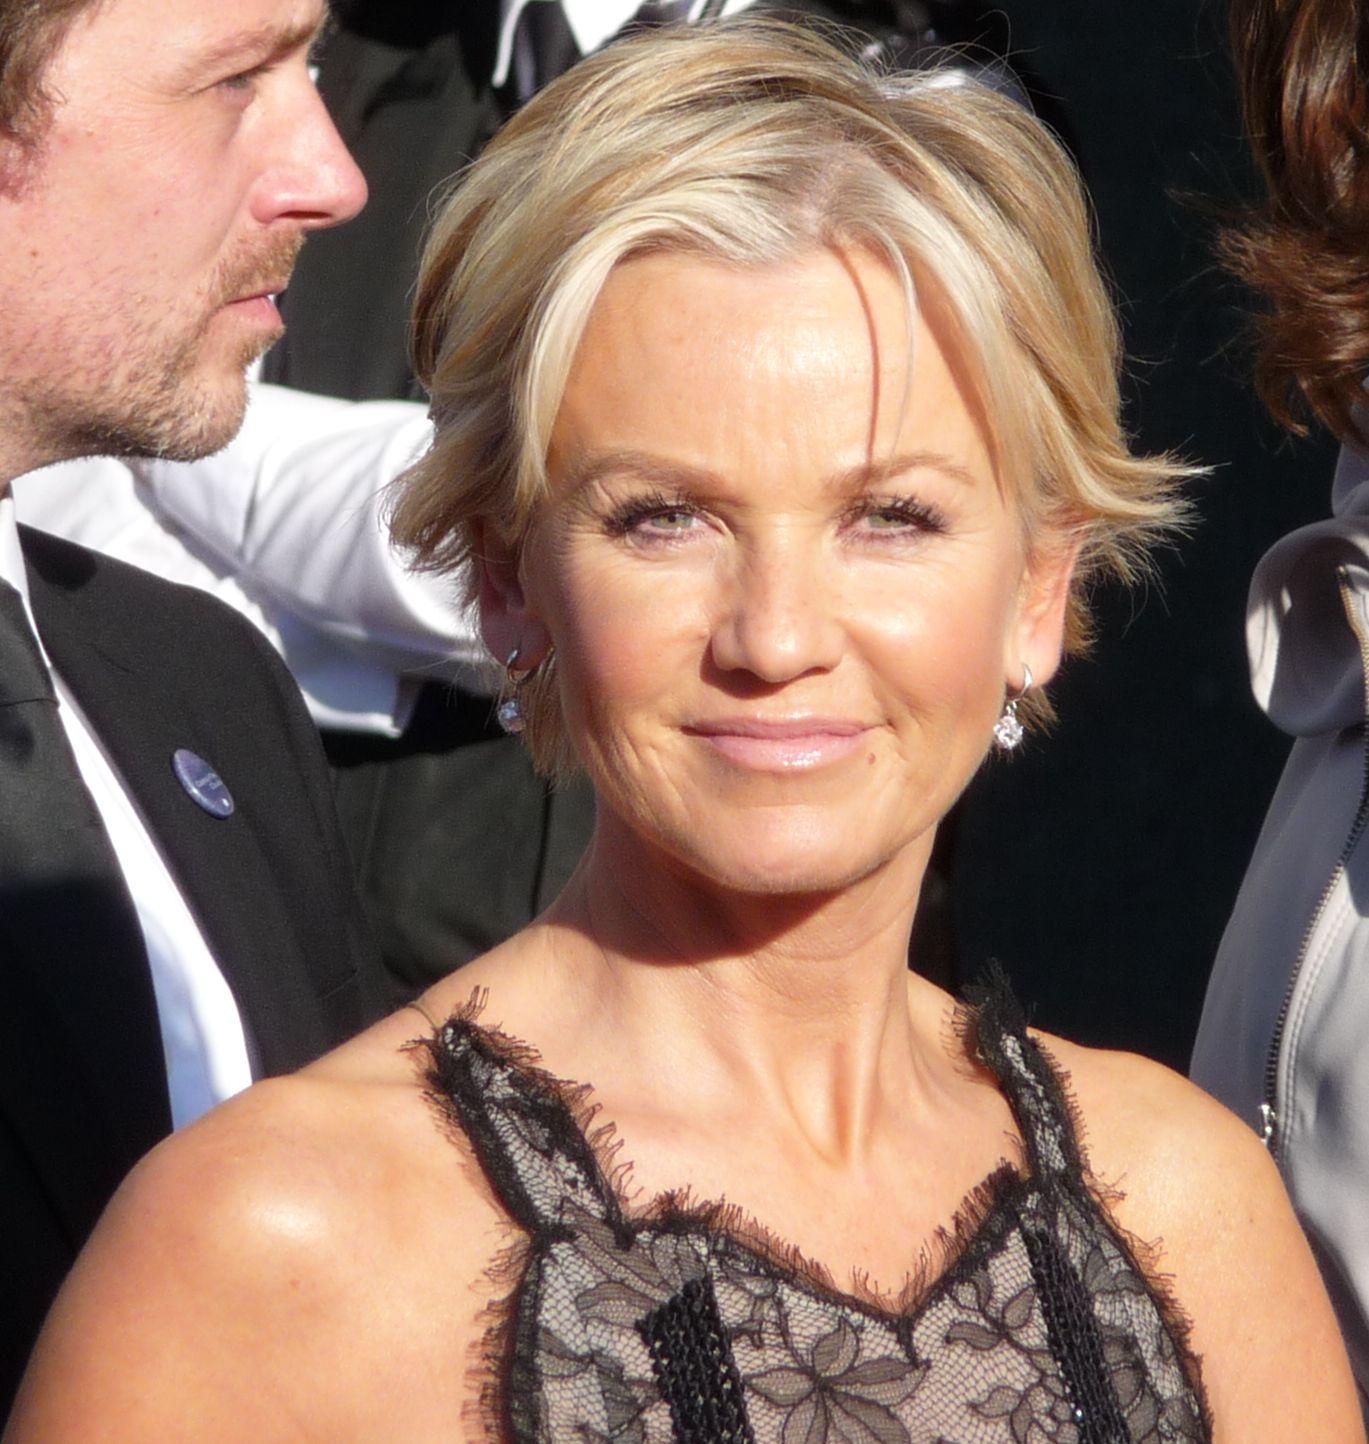 Lisa Maxwell (actress)